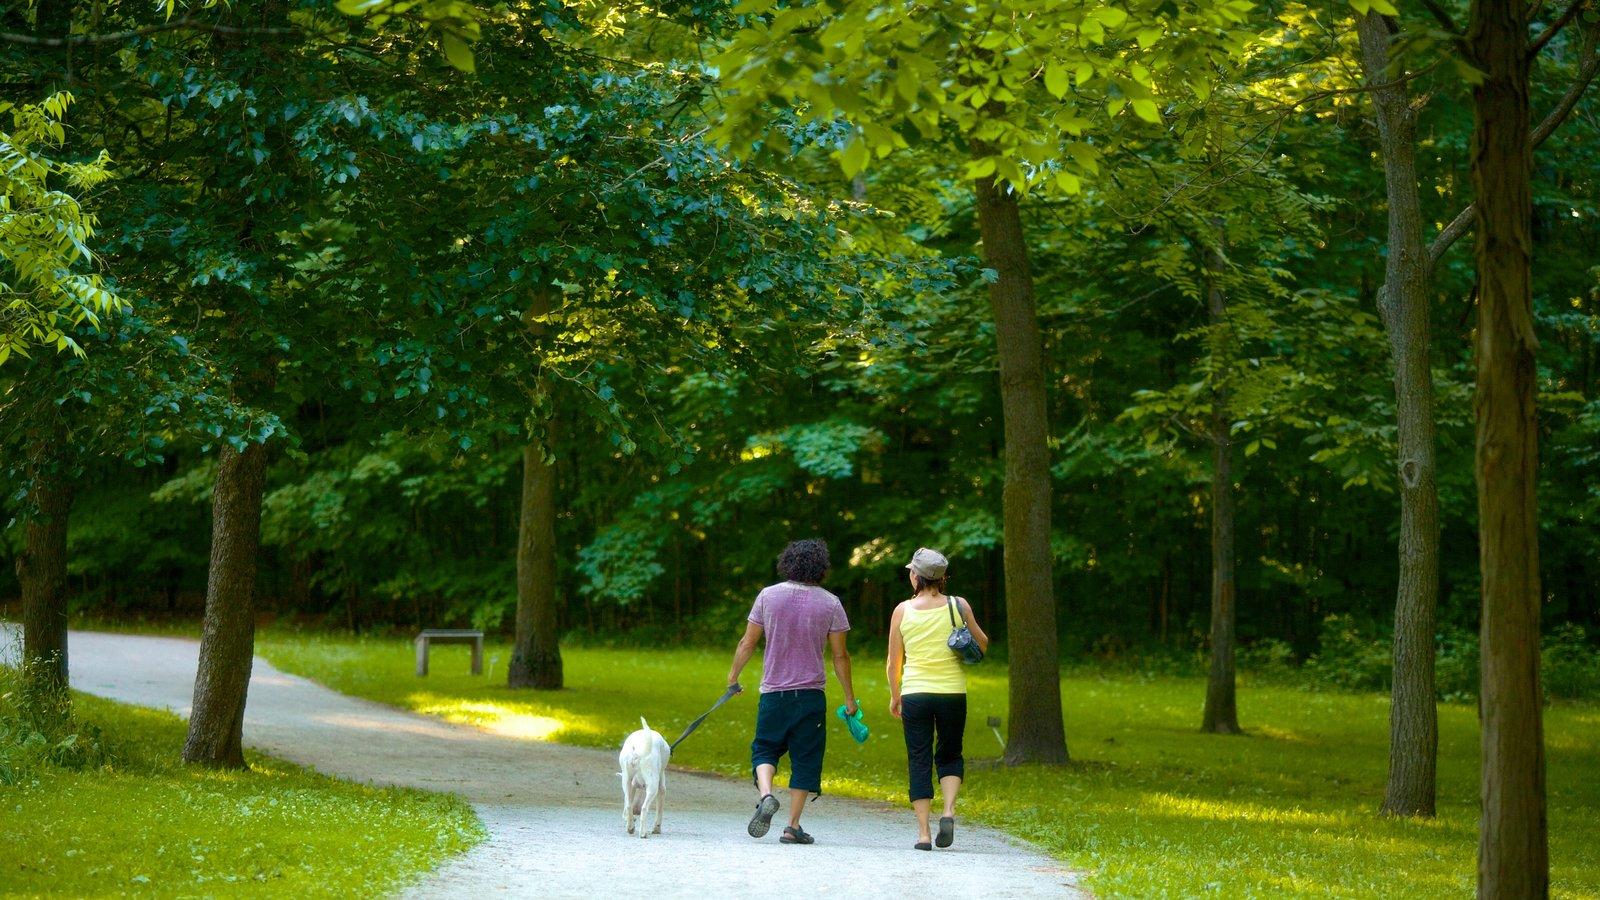 Barrie Arboretum em Sunnidale Park mostrando escalada ou caminhada e um jardim assim como um casal